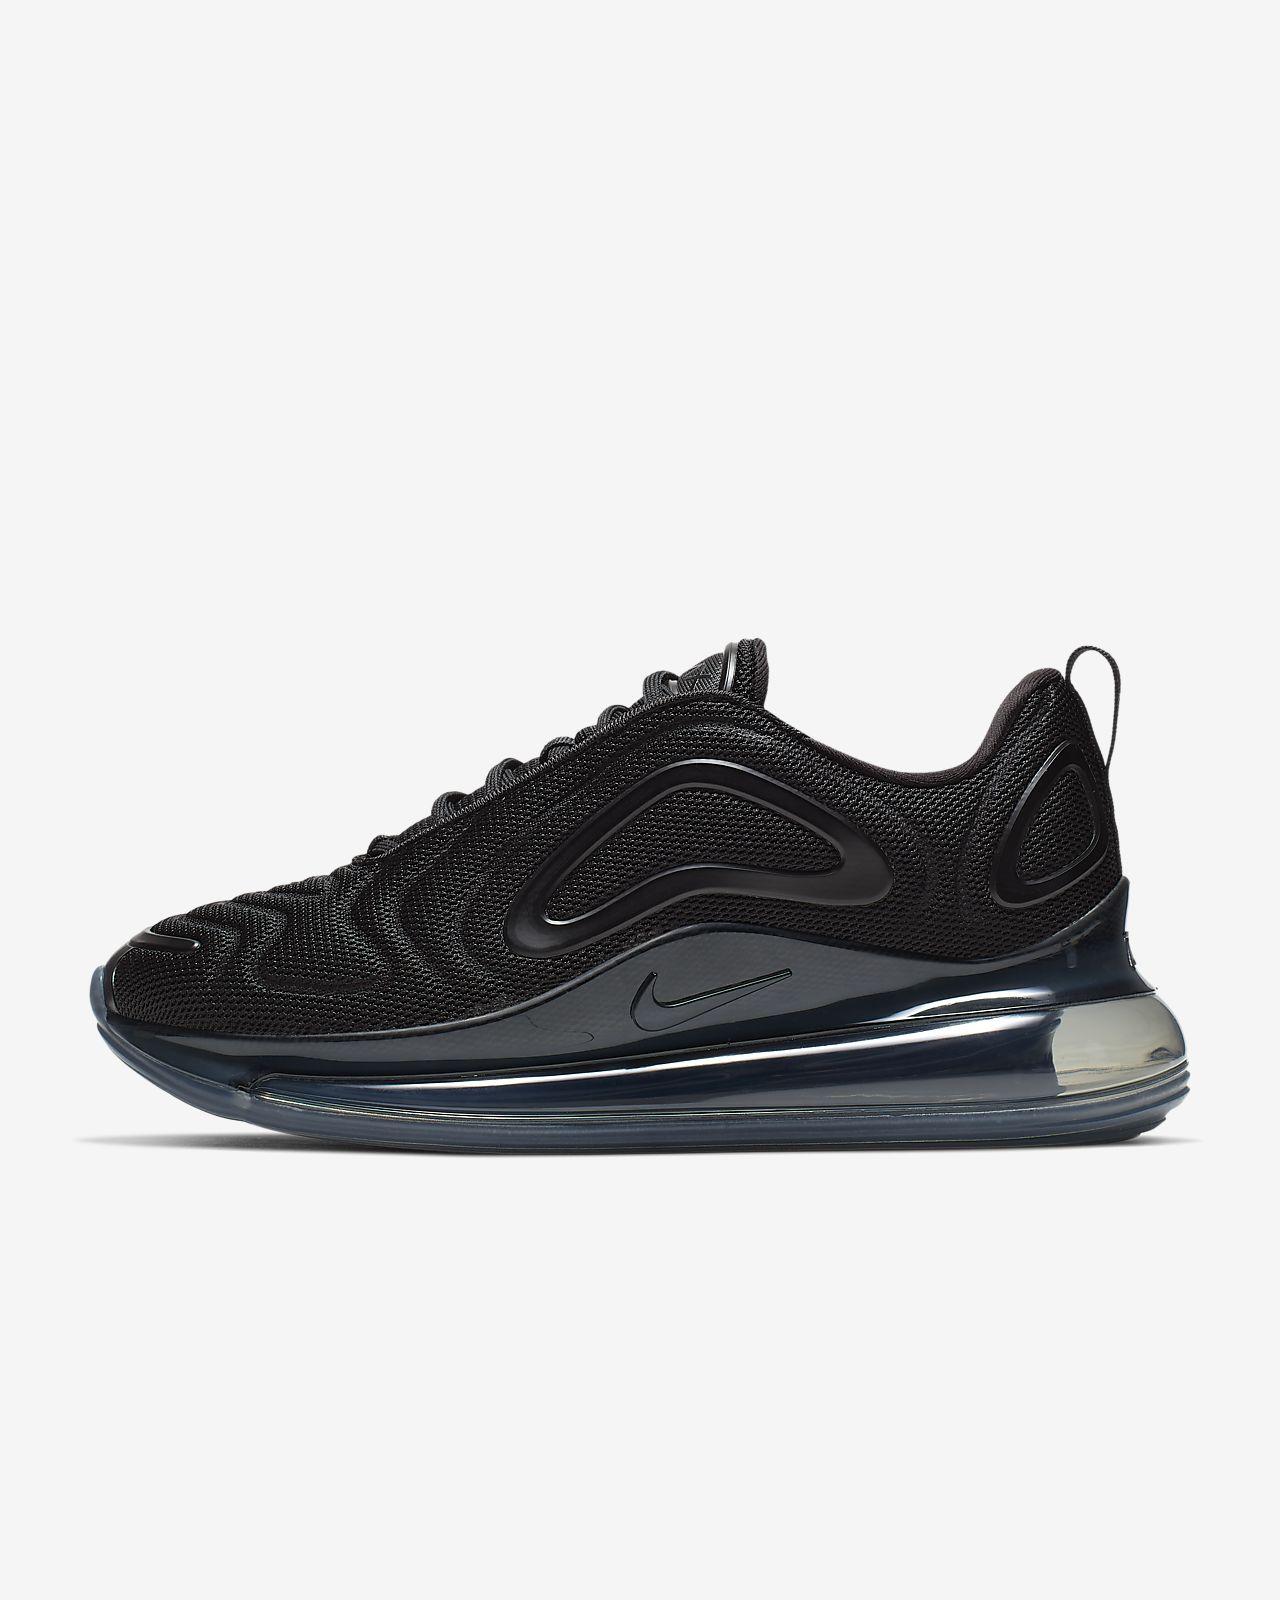 promo code f73fd e2db5 ... Chaussure Nike Air Max 720 pour Femme